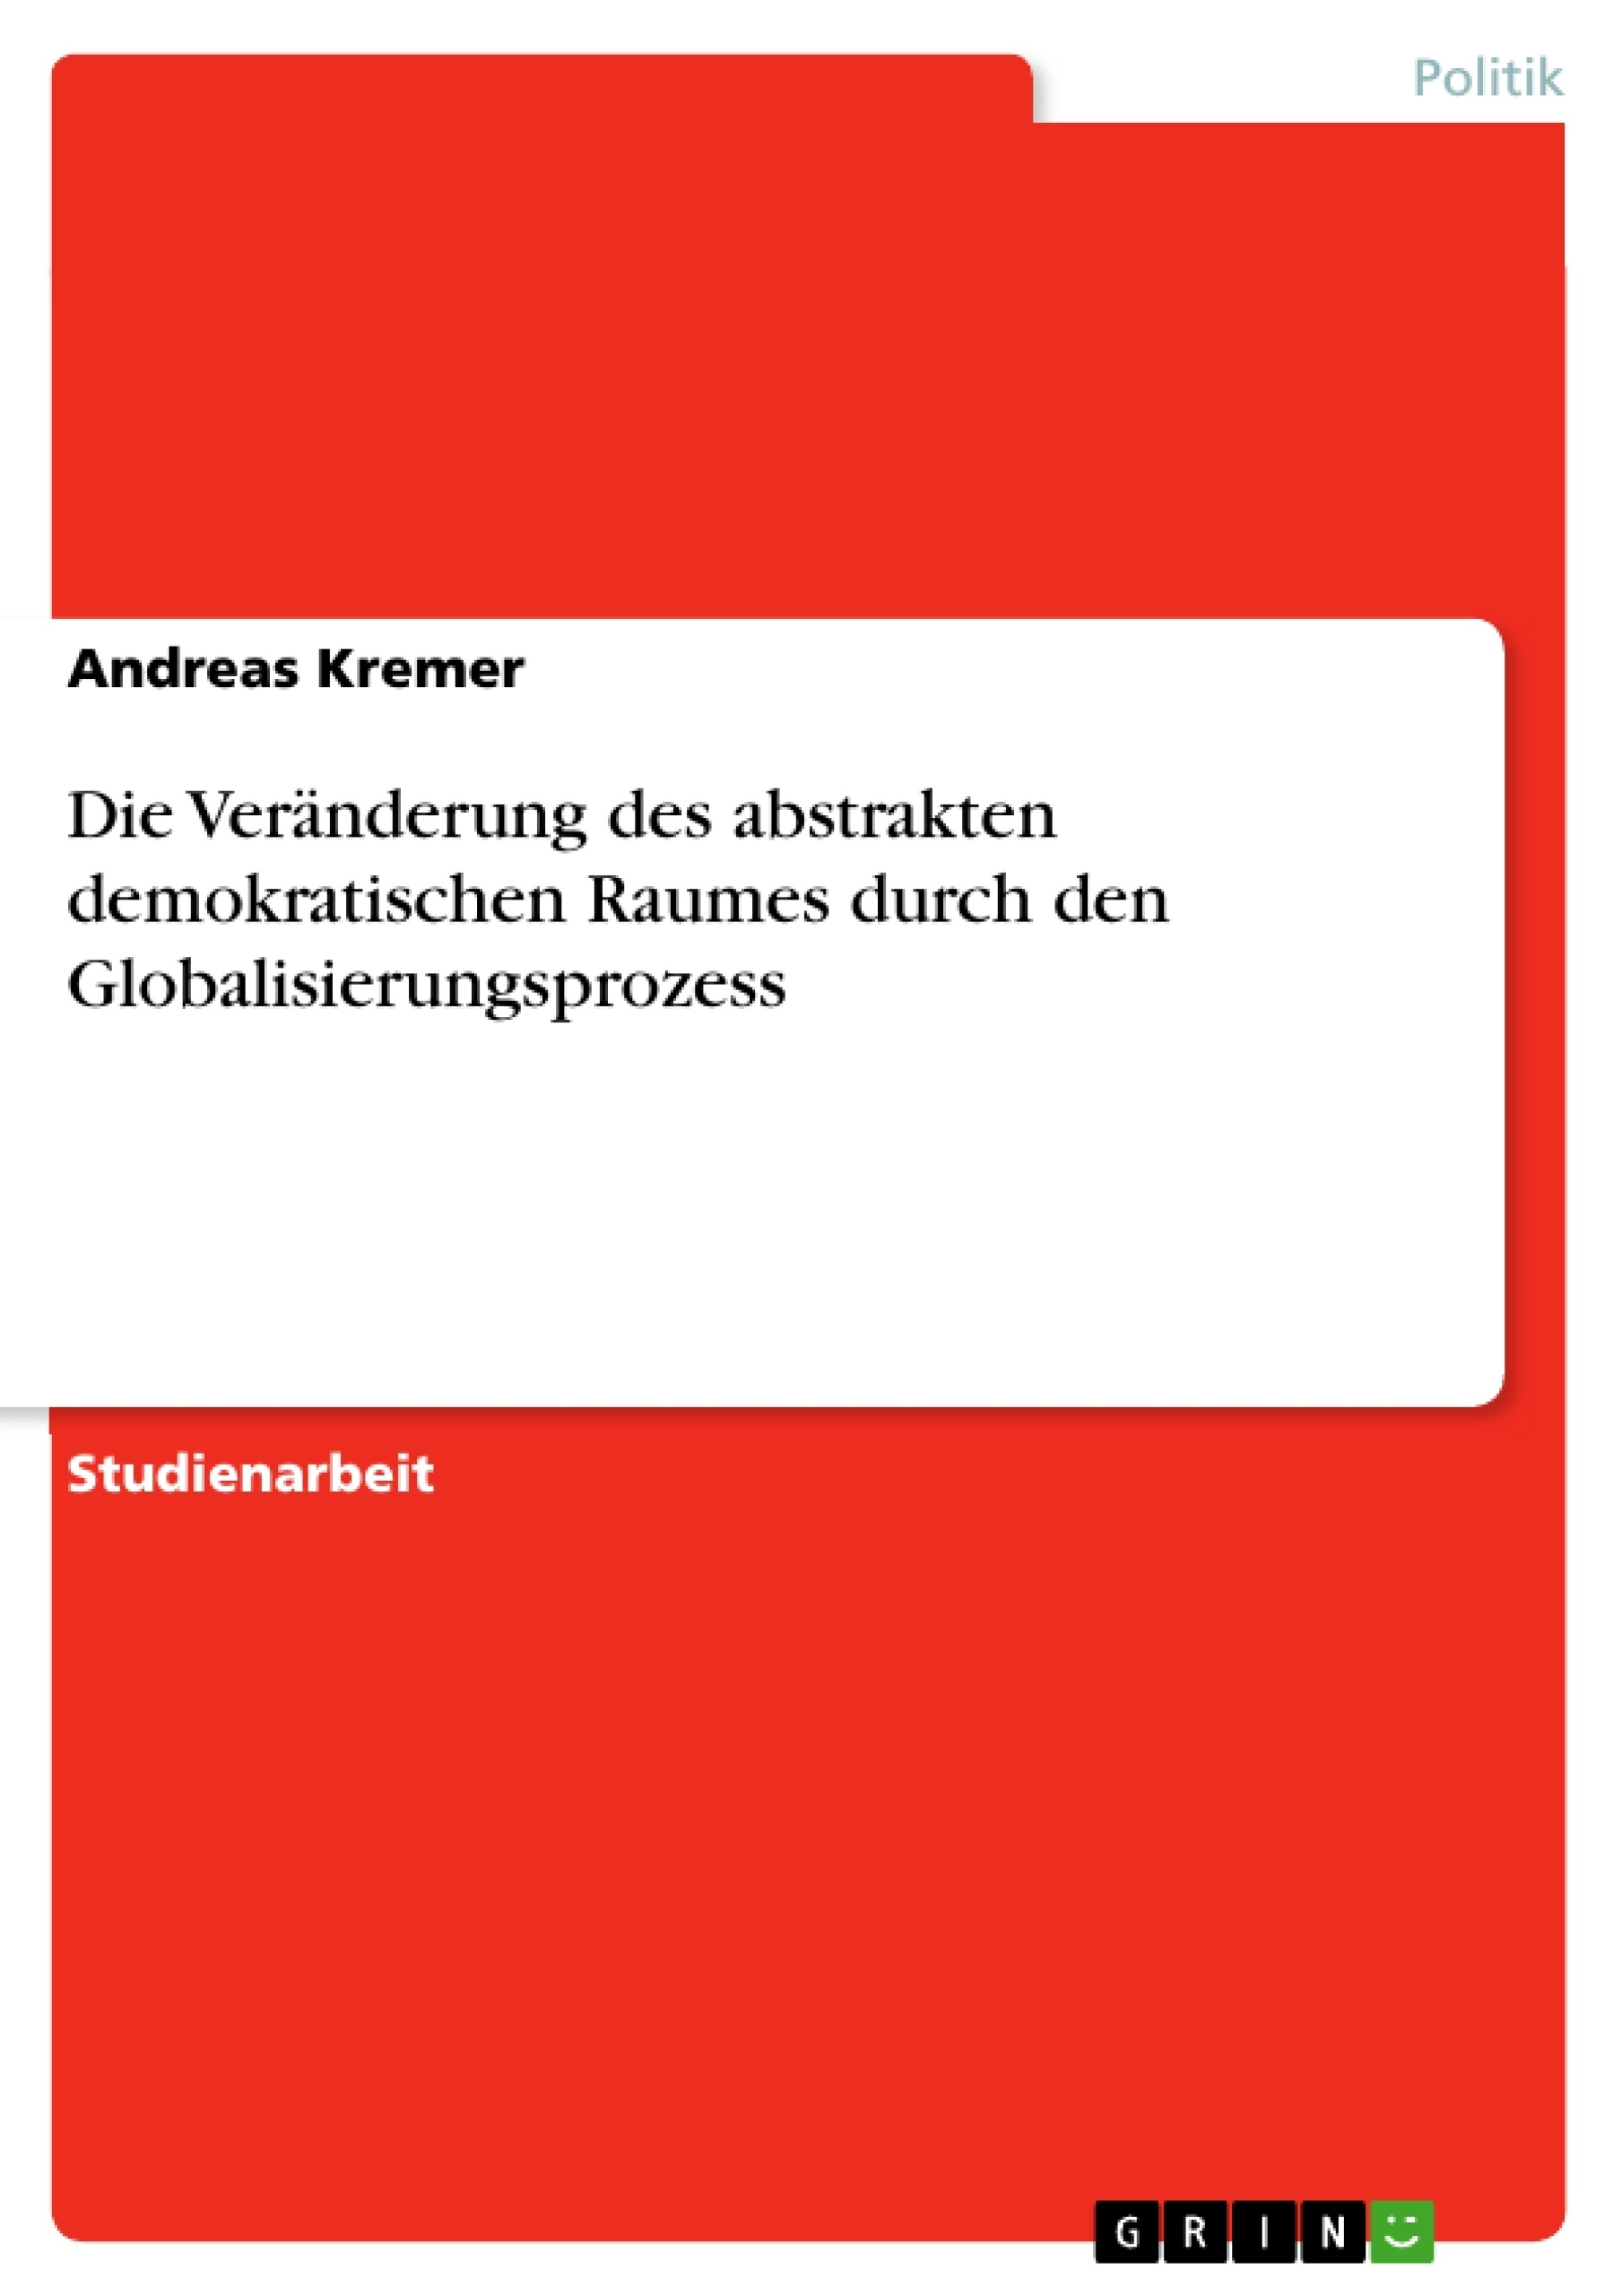 Titel: Die Veränderung des abstrakten demokratischen Raumes durch den Globalisierungsprozess